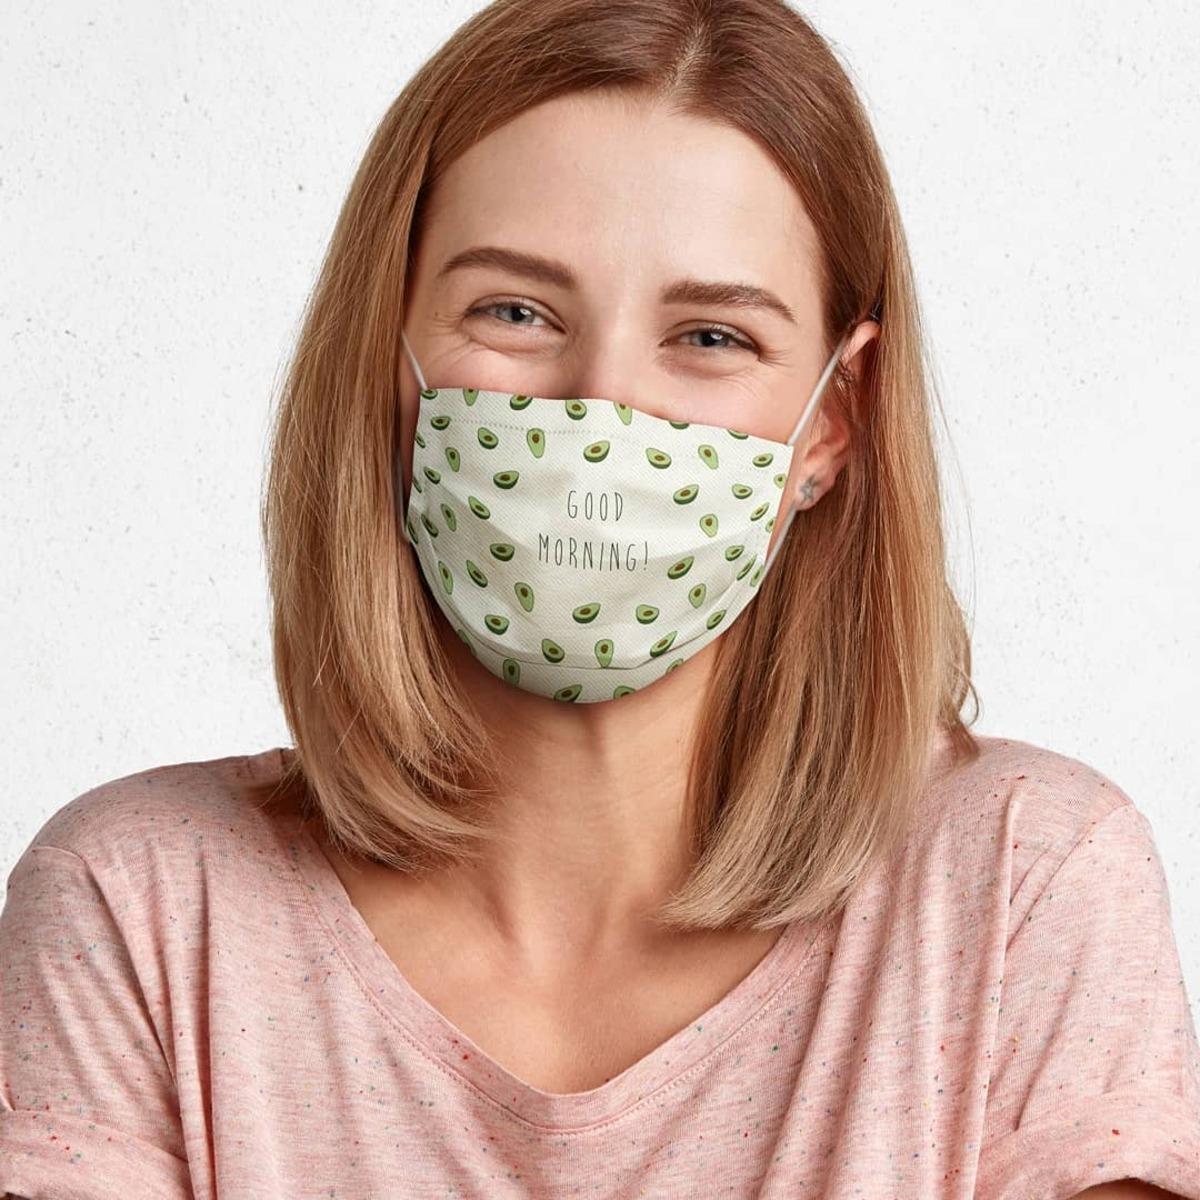 Come rimorchiare con la mascherina